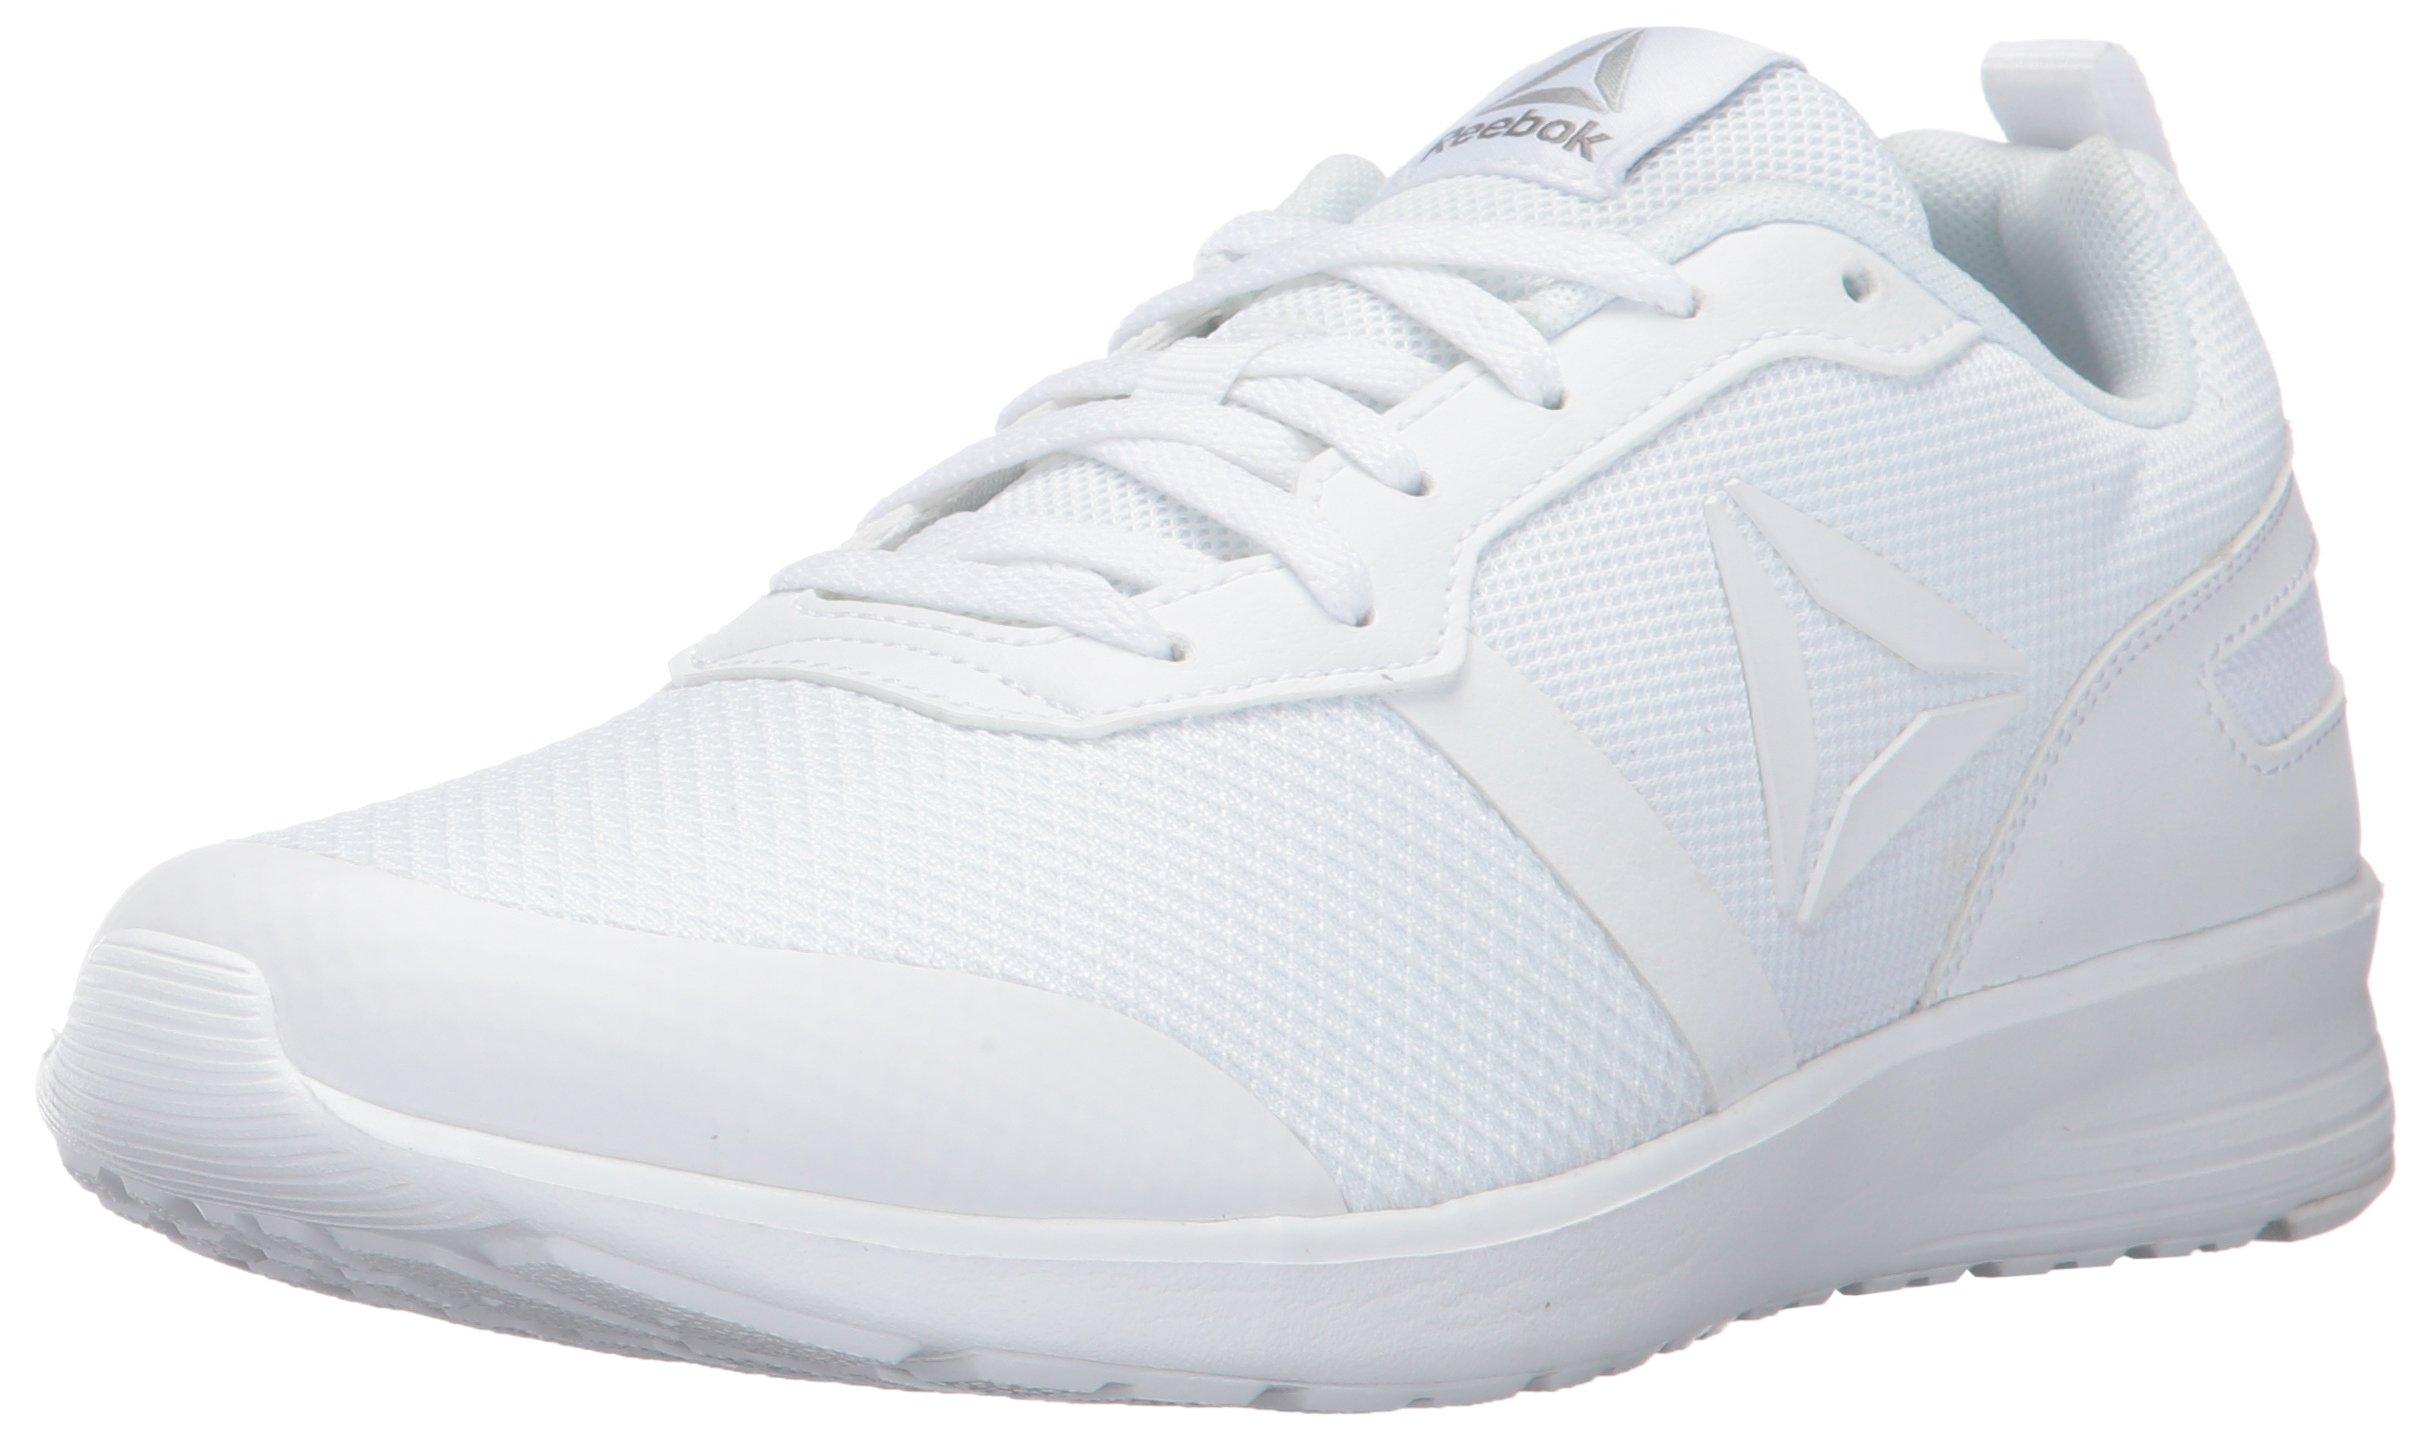 Reebok Women's Foster Flyer Track Shoe,White/Pewter/Matte Silver,7.5 M US